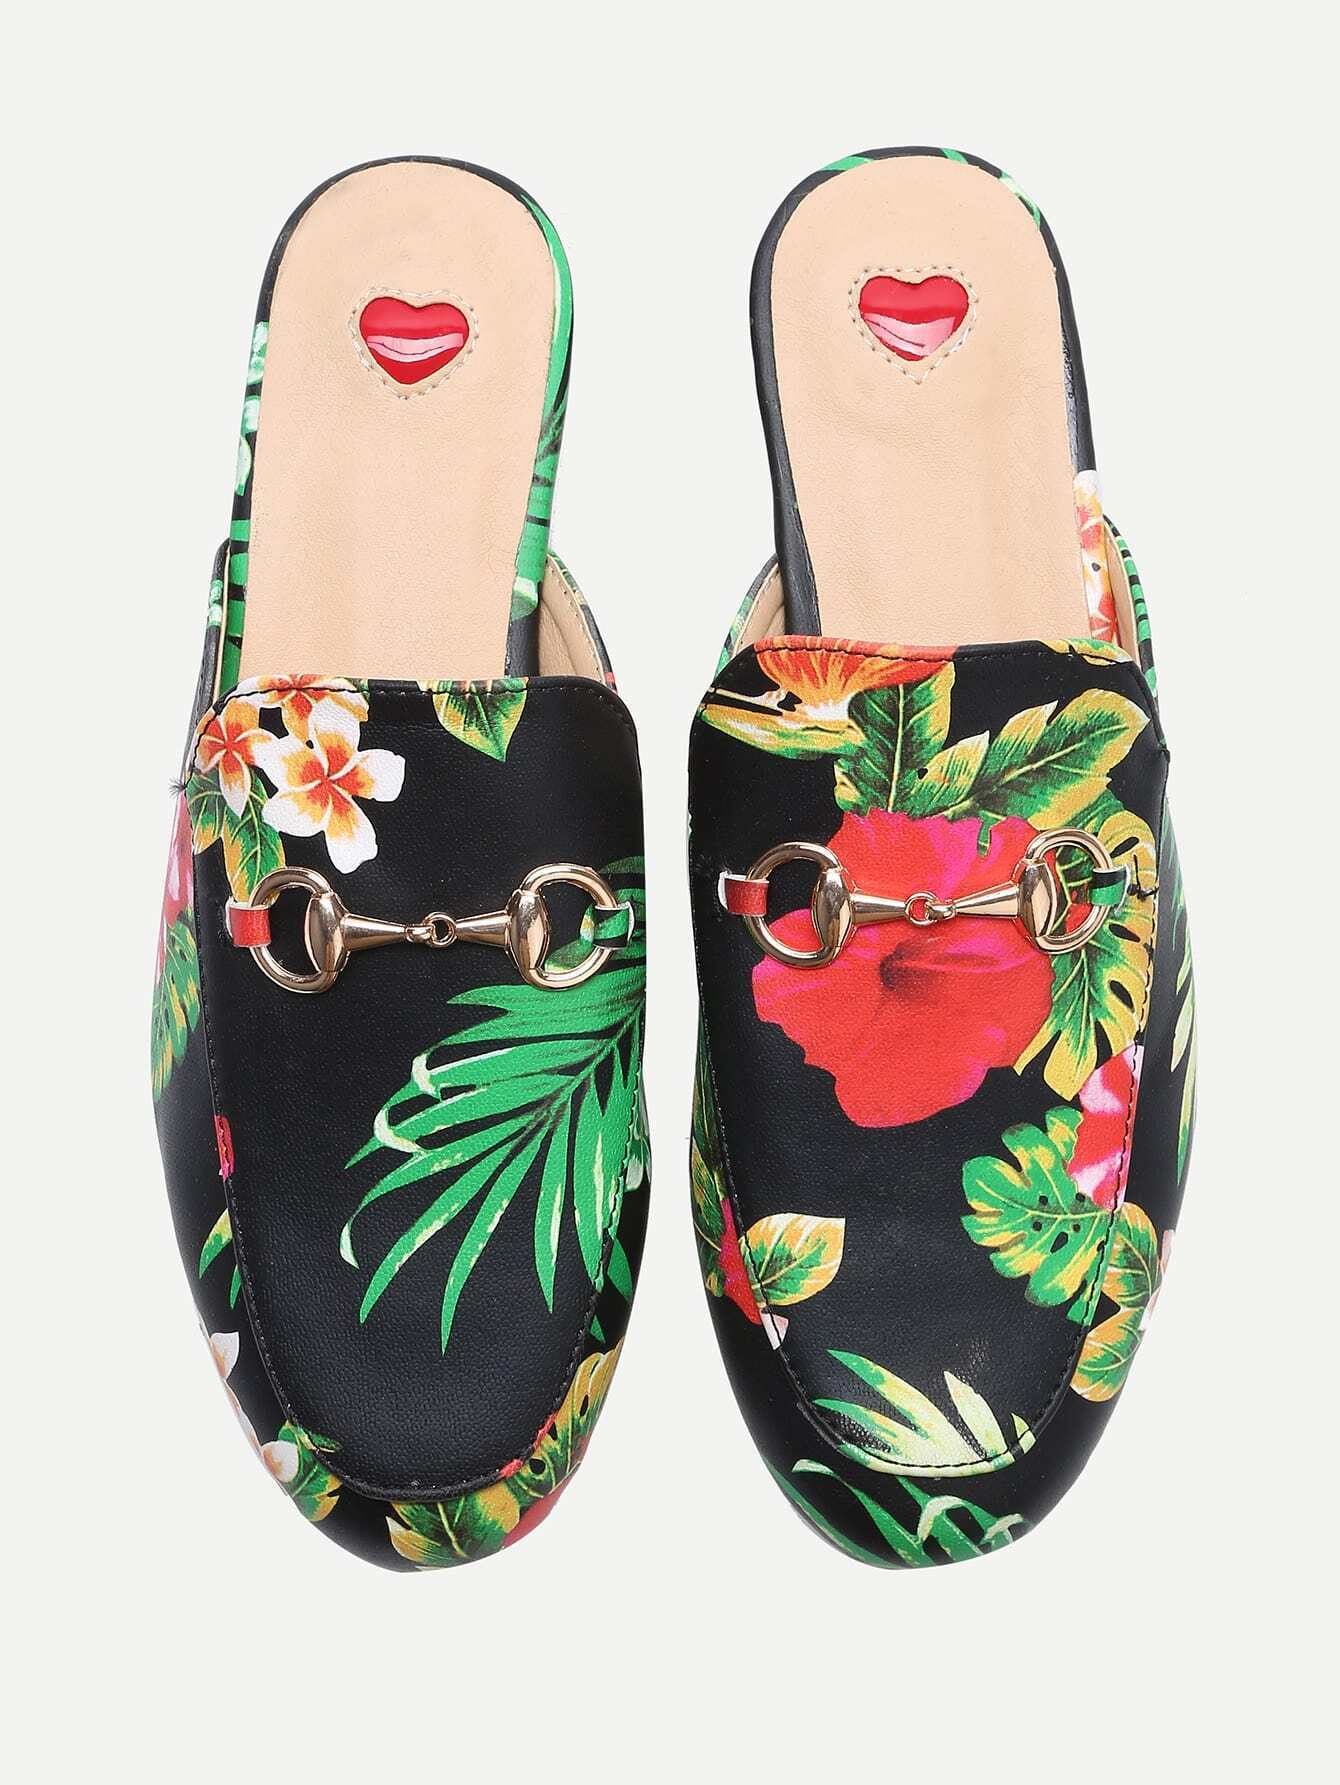 shoes170310814_2